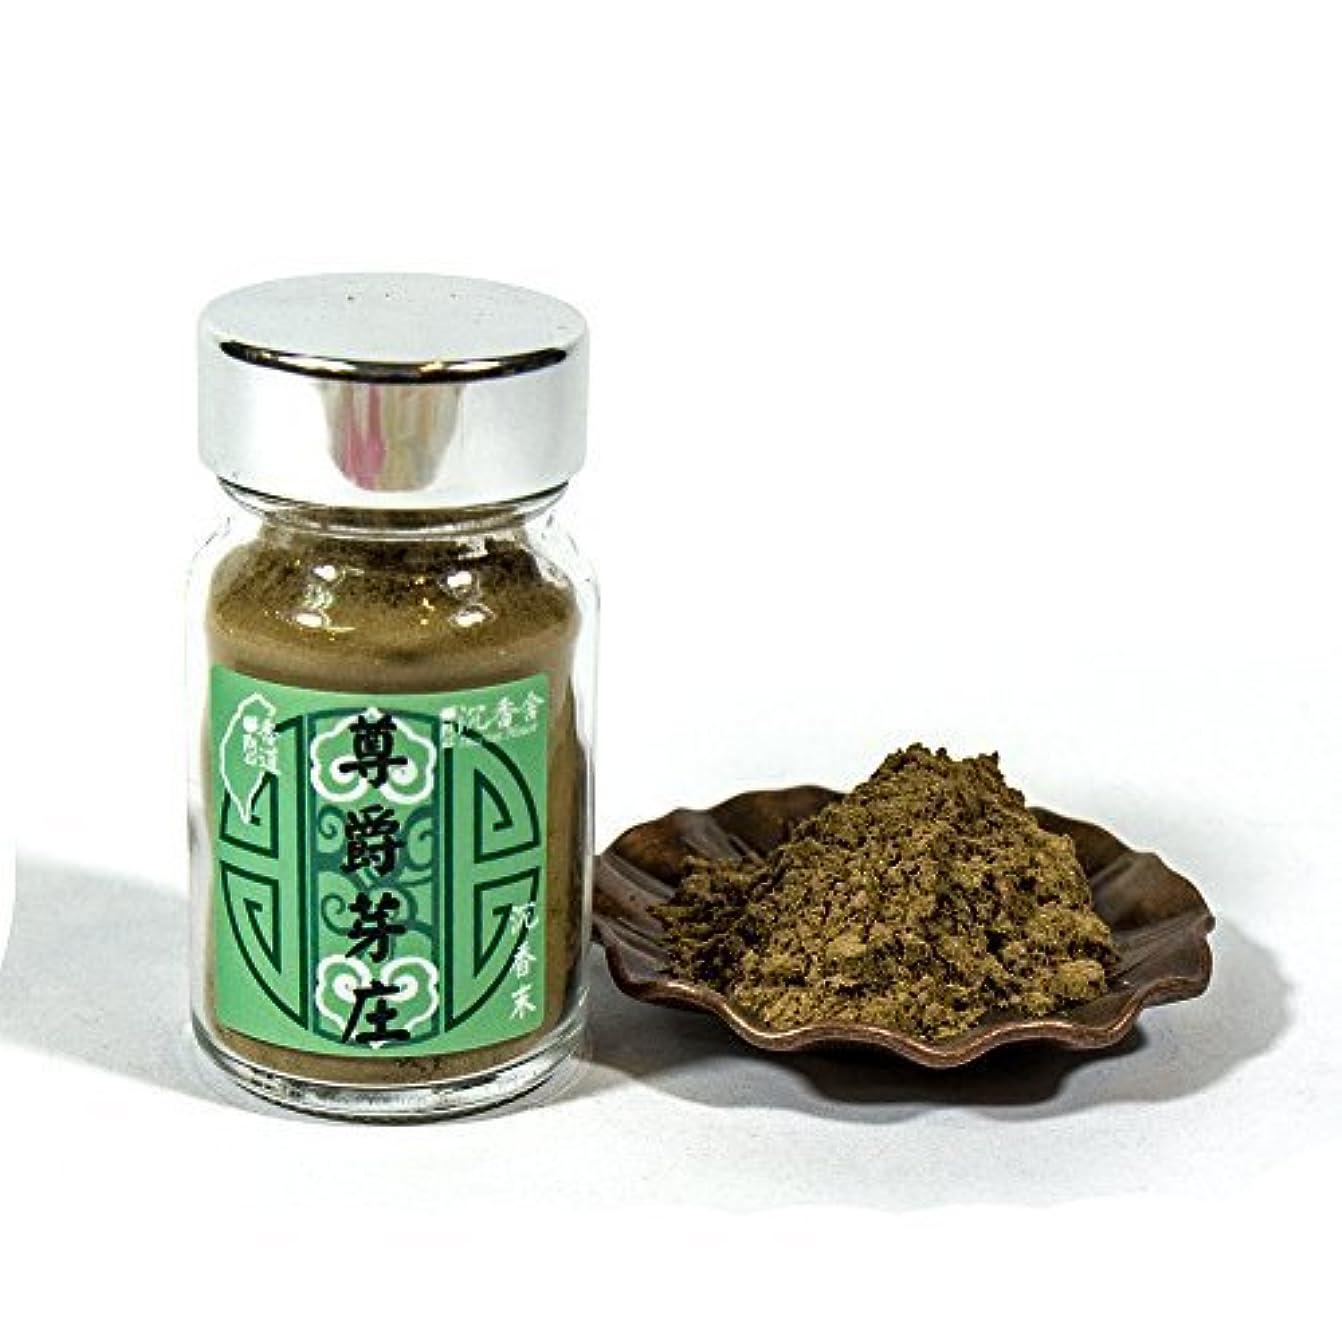 研磨ライトニング歯車Agarwood Aloeswood Top Grade Old Stock NhaTrang Chen Xiang Incense Powder 10g by IncenseHouse - Raw Material [...